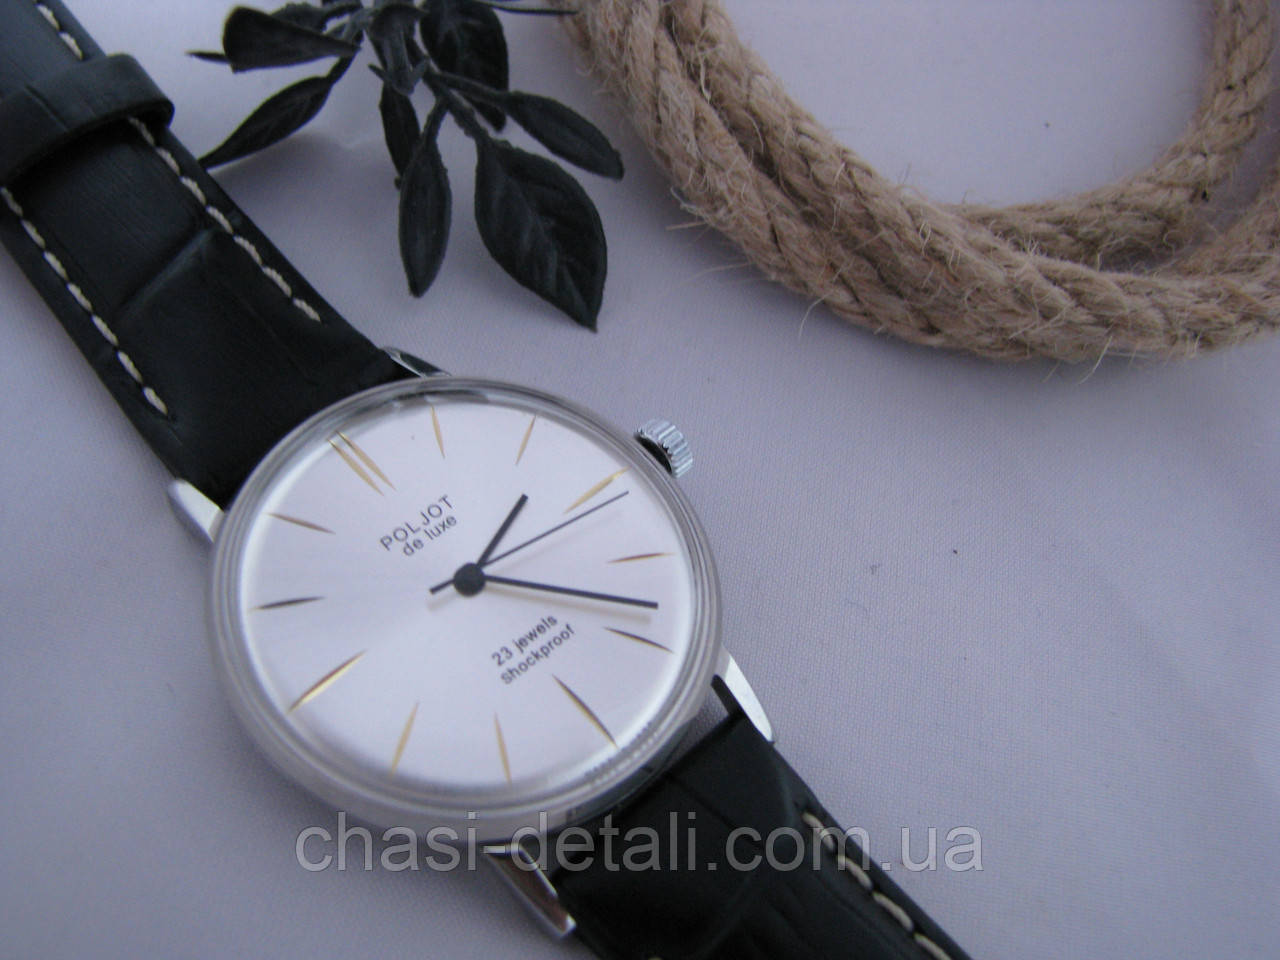 Ультратонкие Часы Полет де Люкс. механизм 2209, 23 камня.